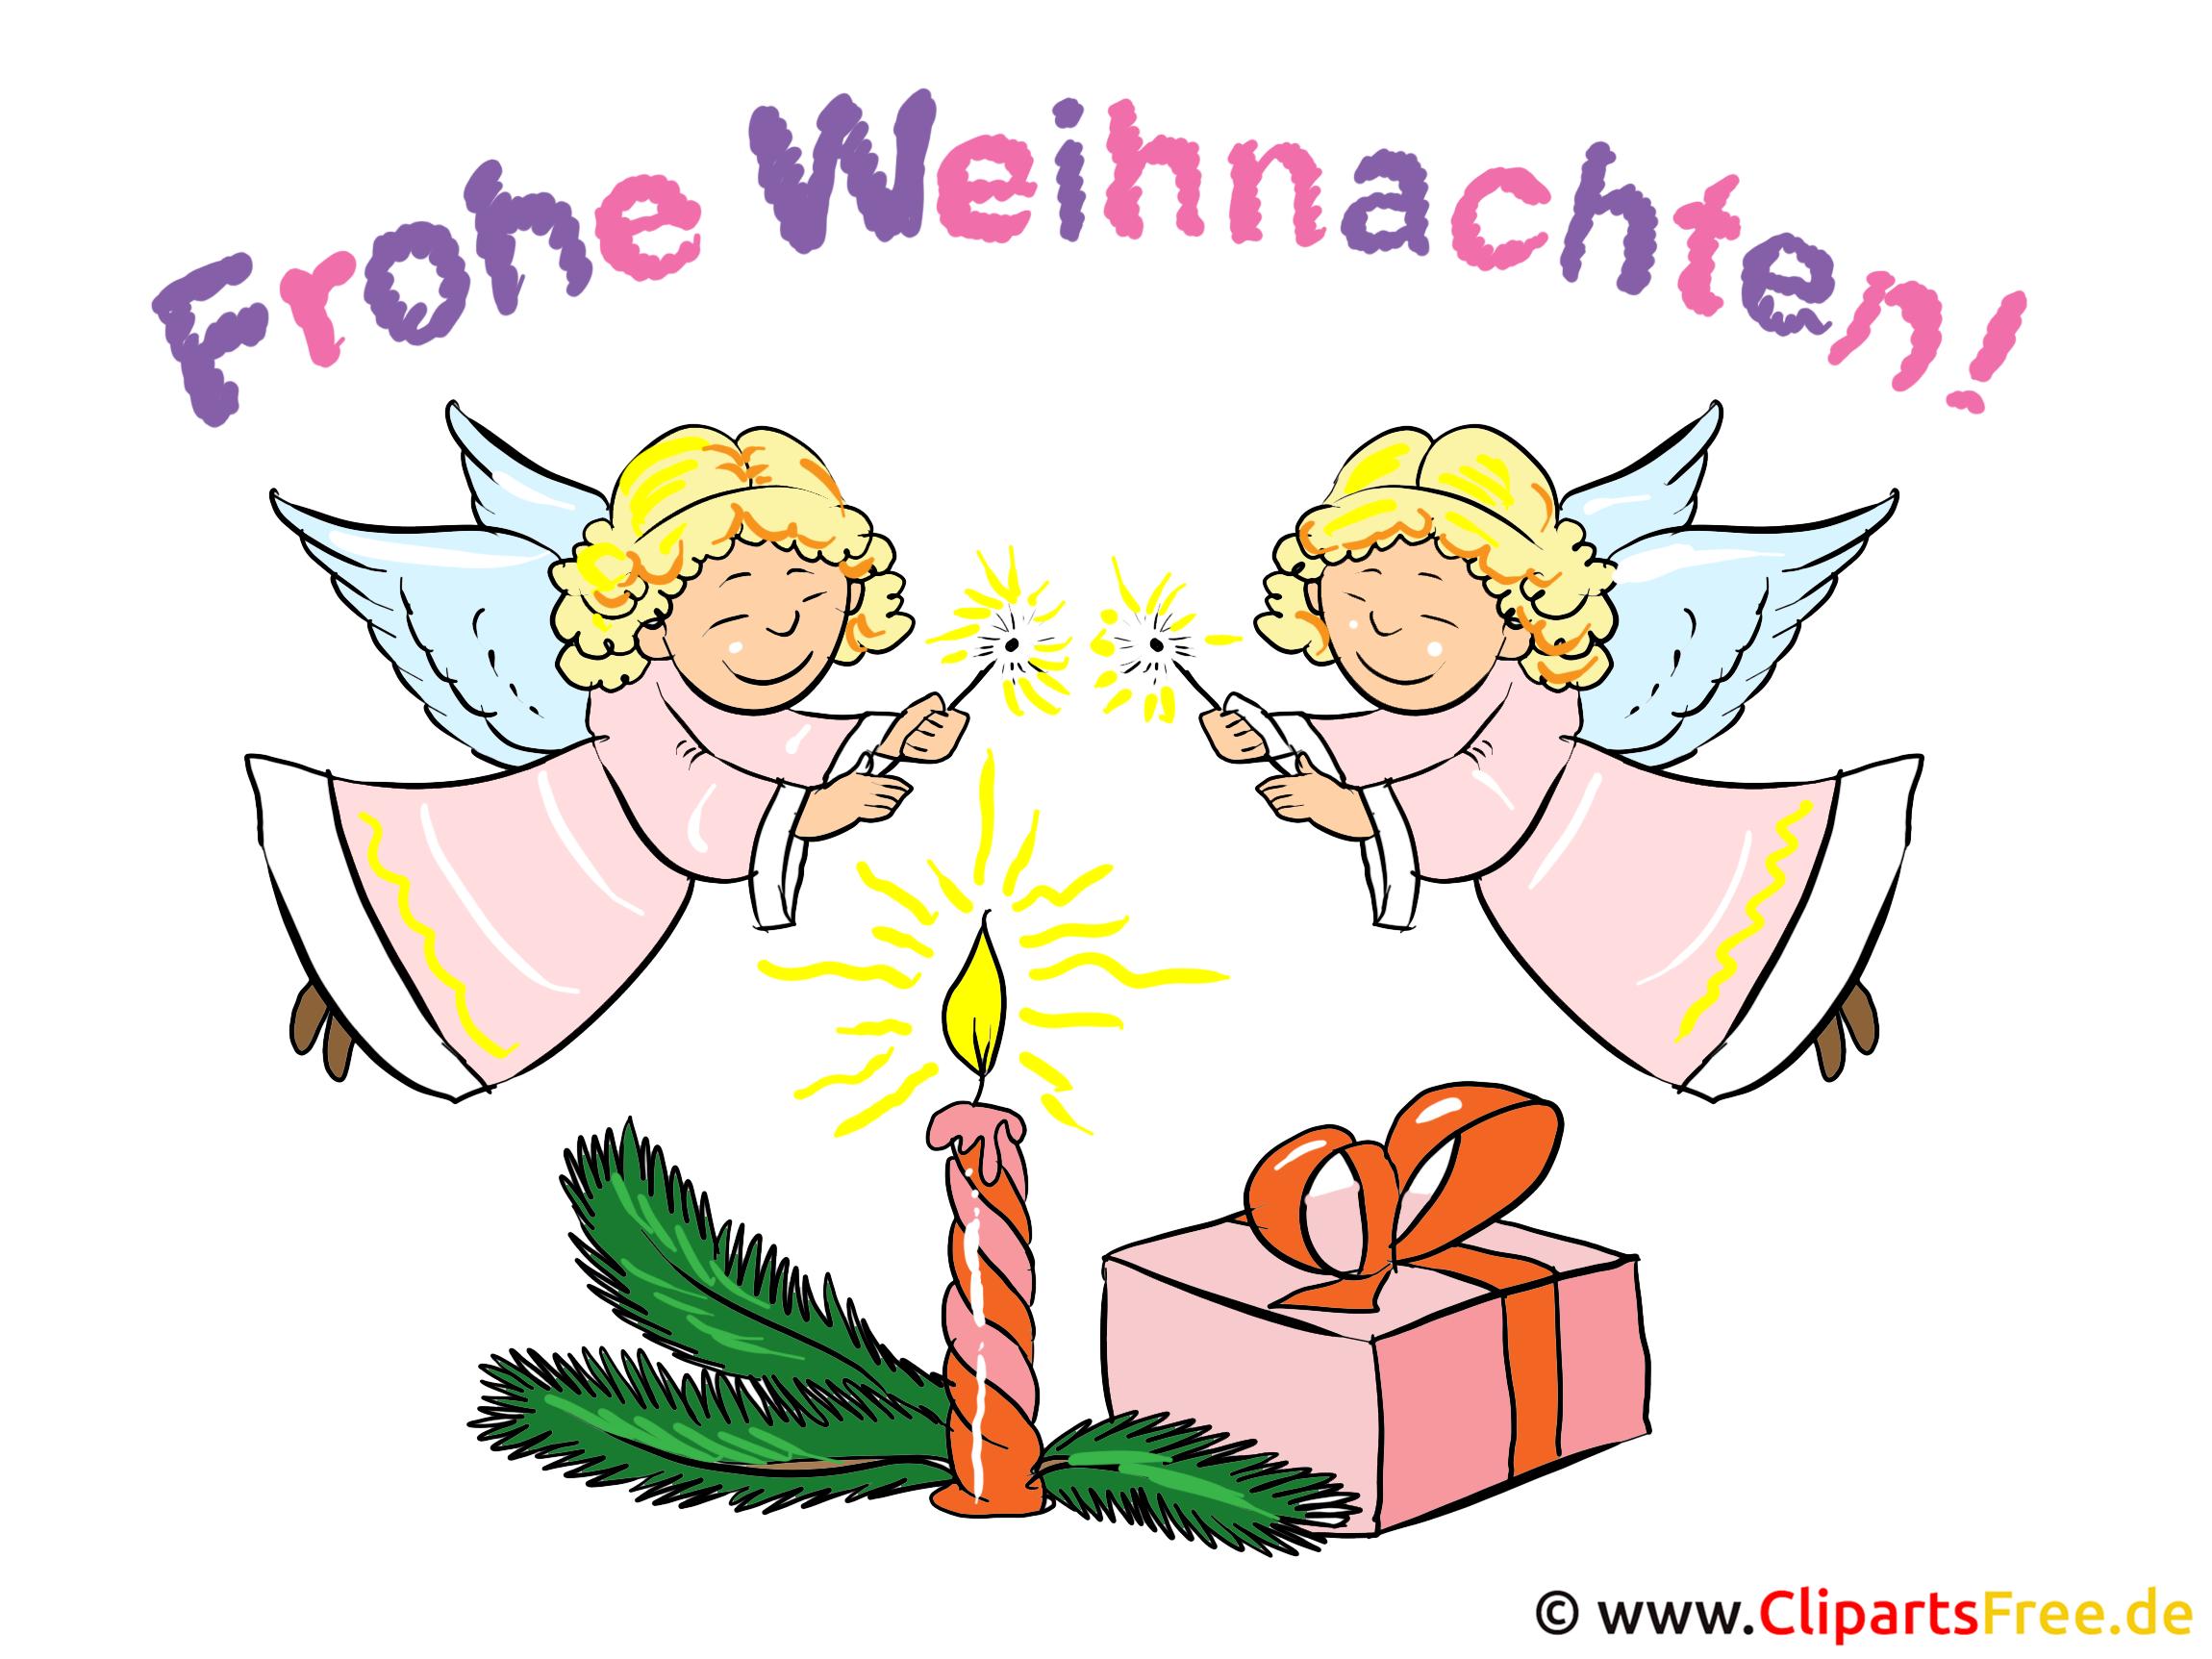 Weihnachtskarten drucken online - Weihnachtskarten kostenlos verschicken ...